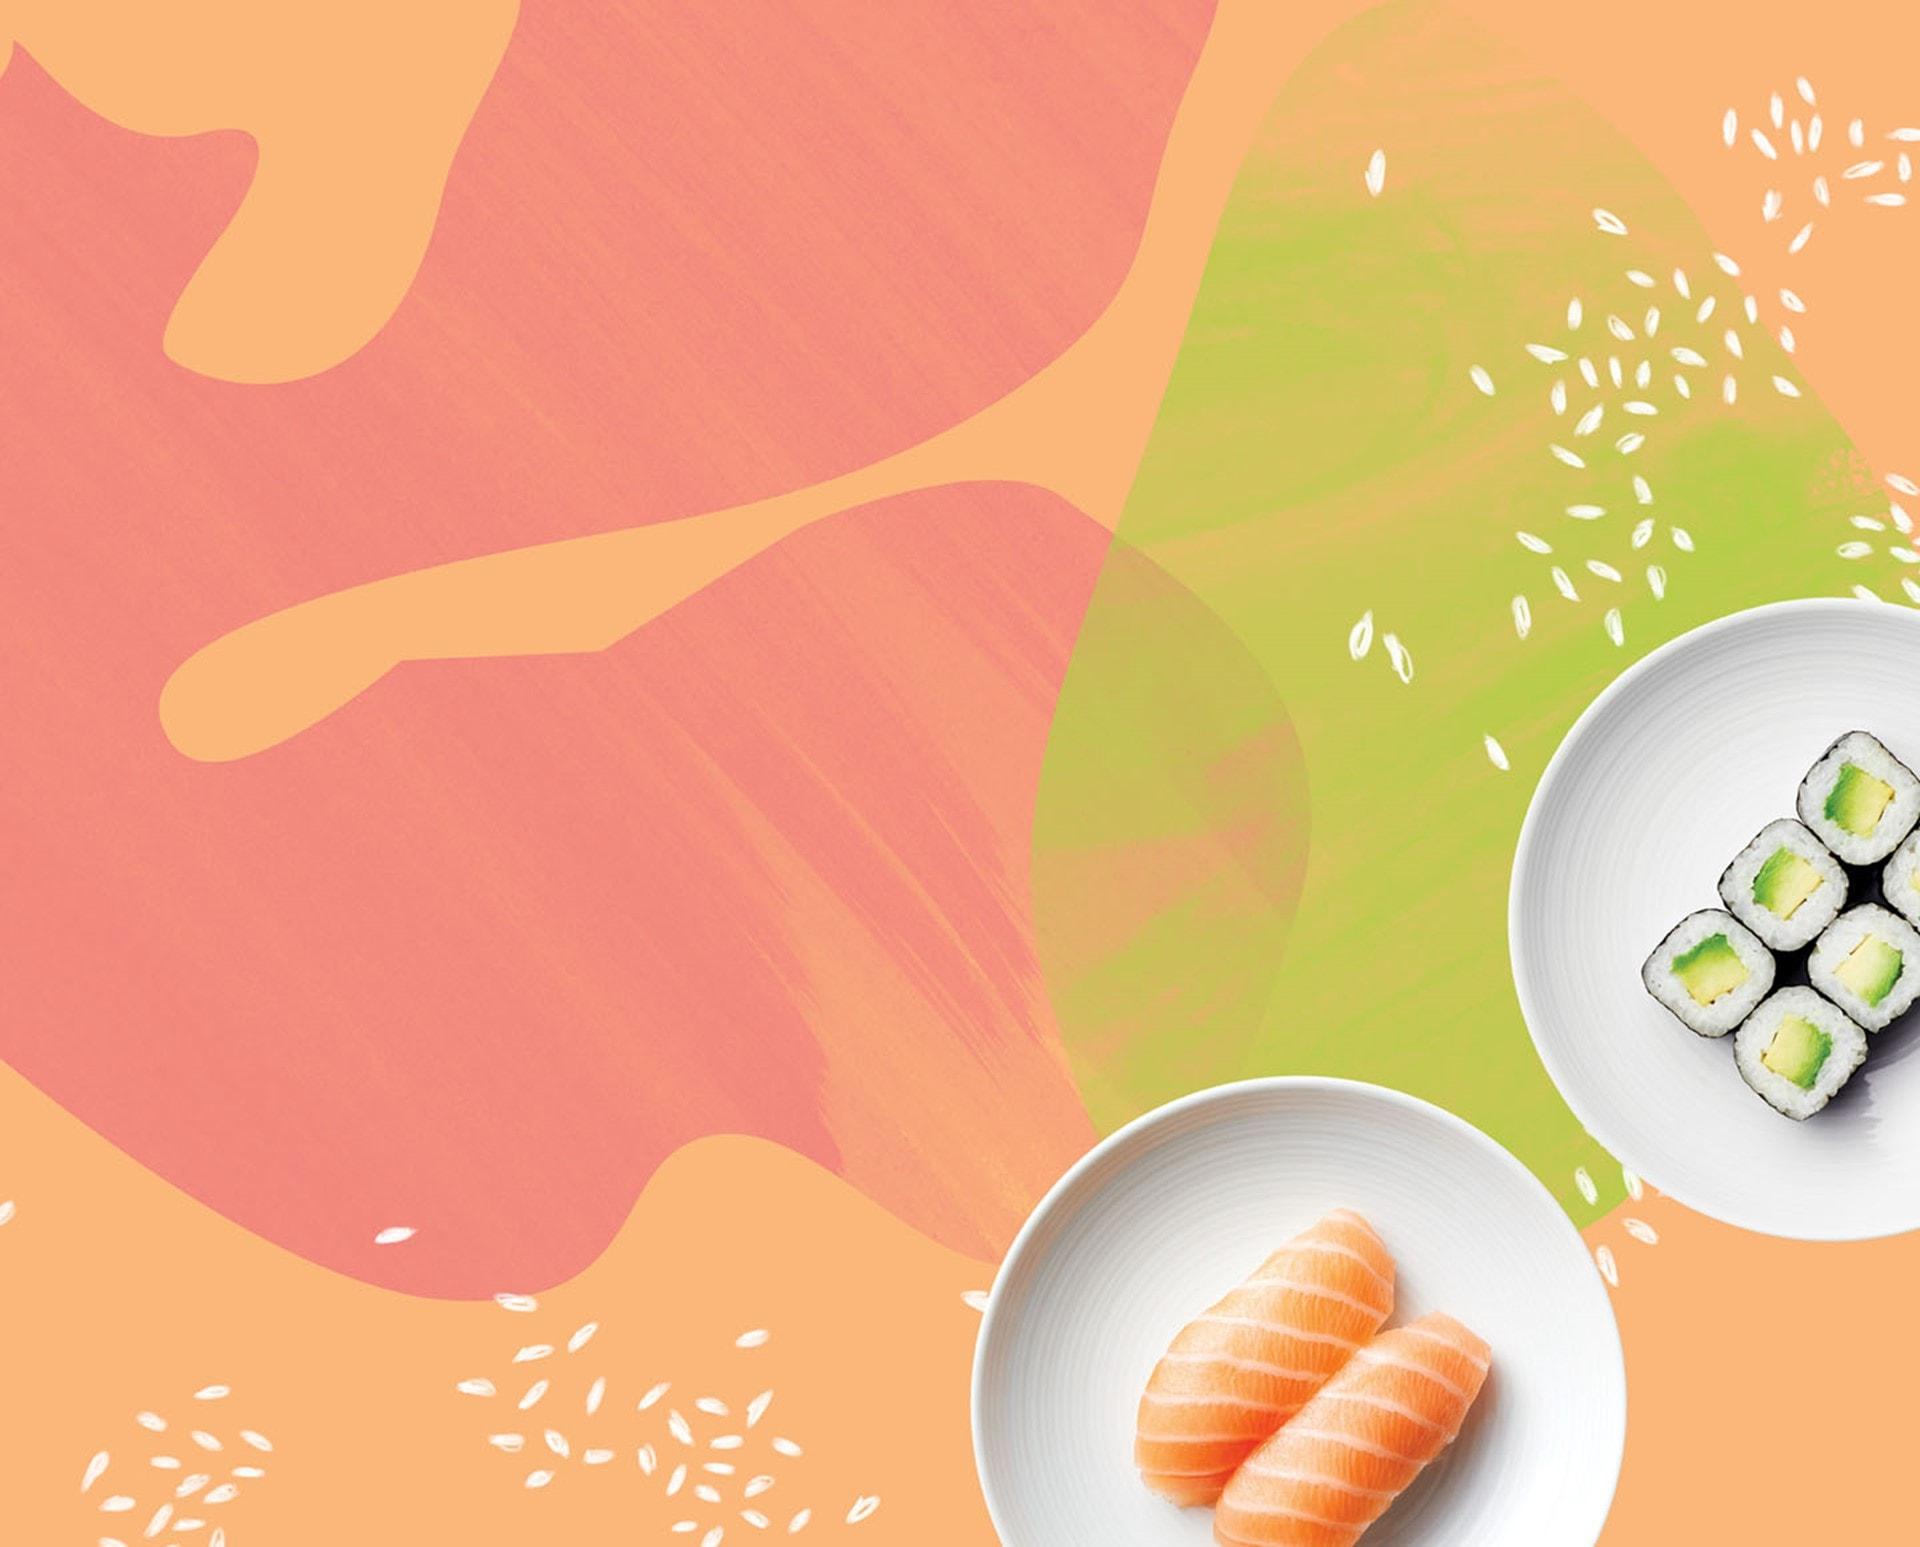 allergen & nutrition